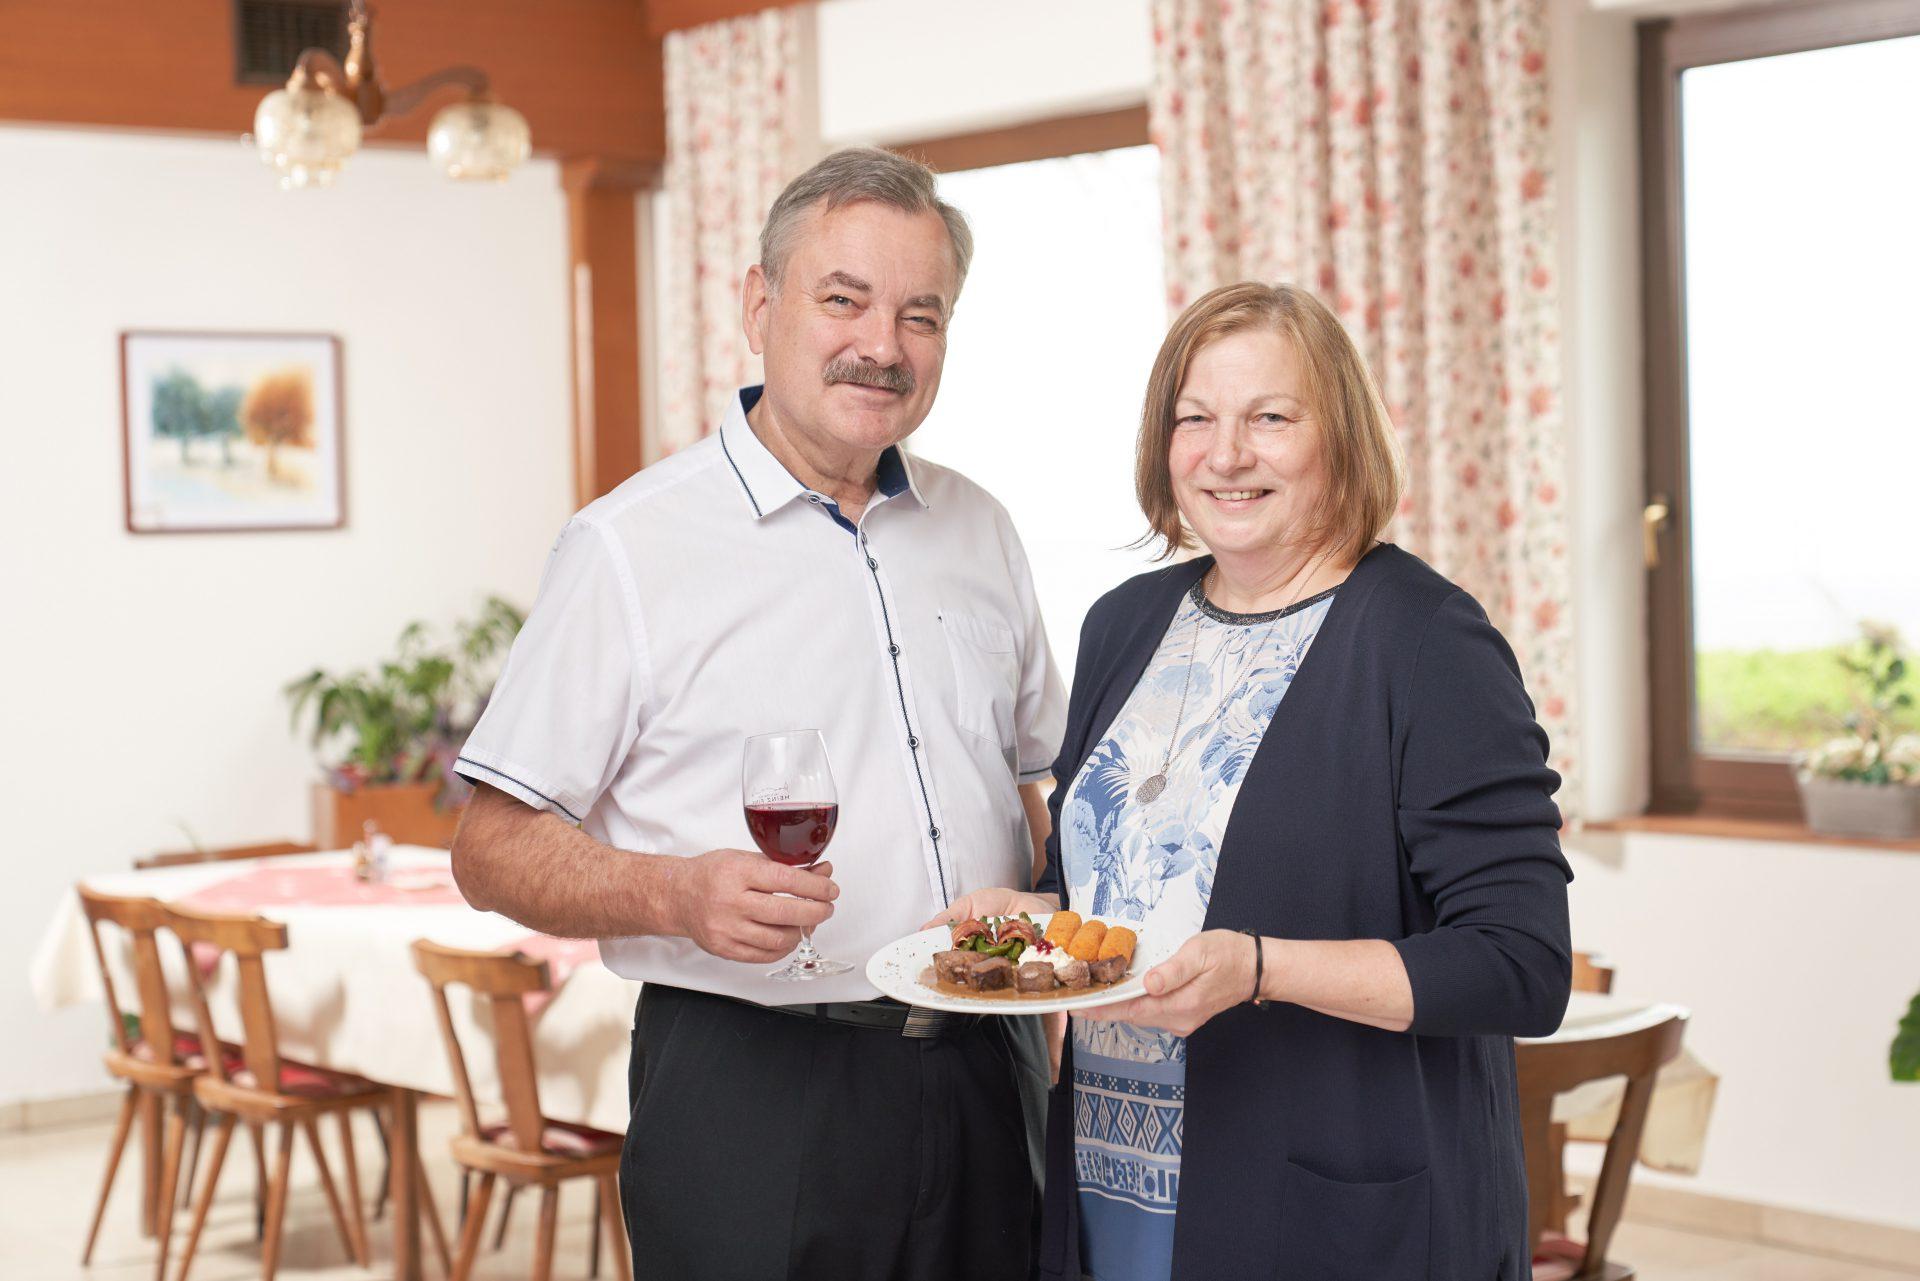 Rehmedaillons auf Gemüsewurzelsoße mit Kroketten und Speckfisolen, präsentiert von Hubert und Anneliese Osterhaus.